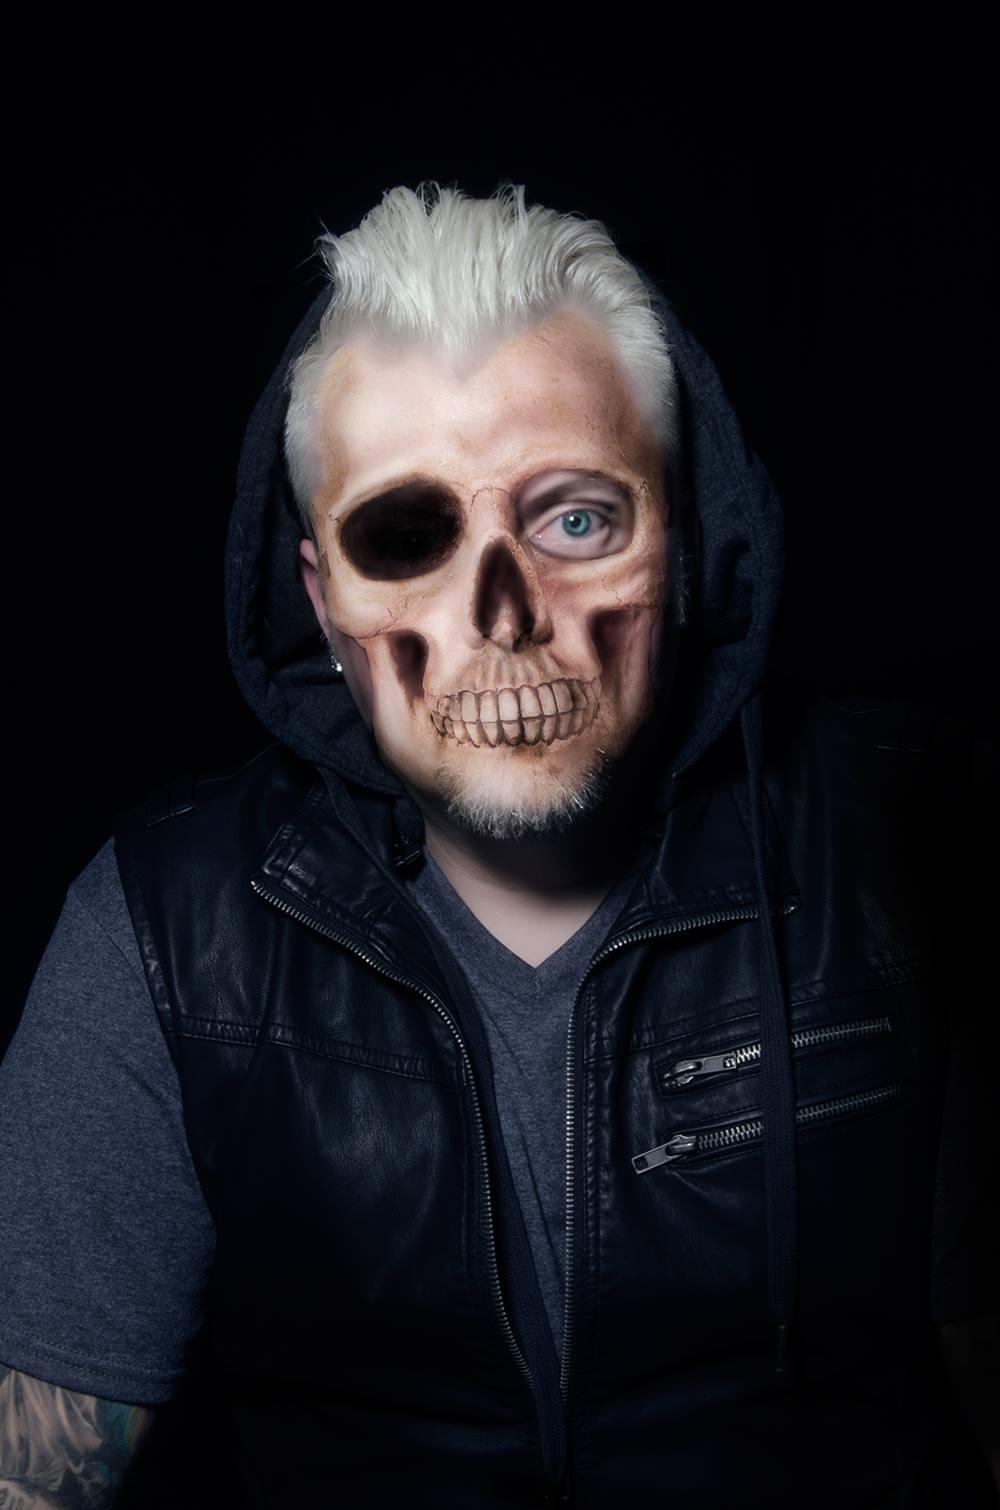 Topher_Halloween_2013